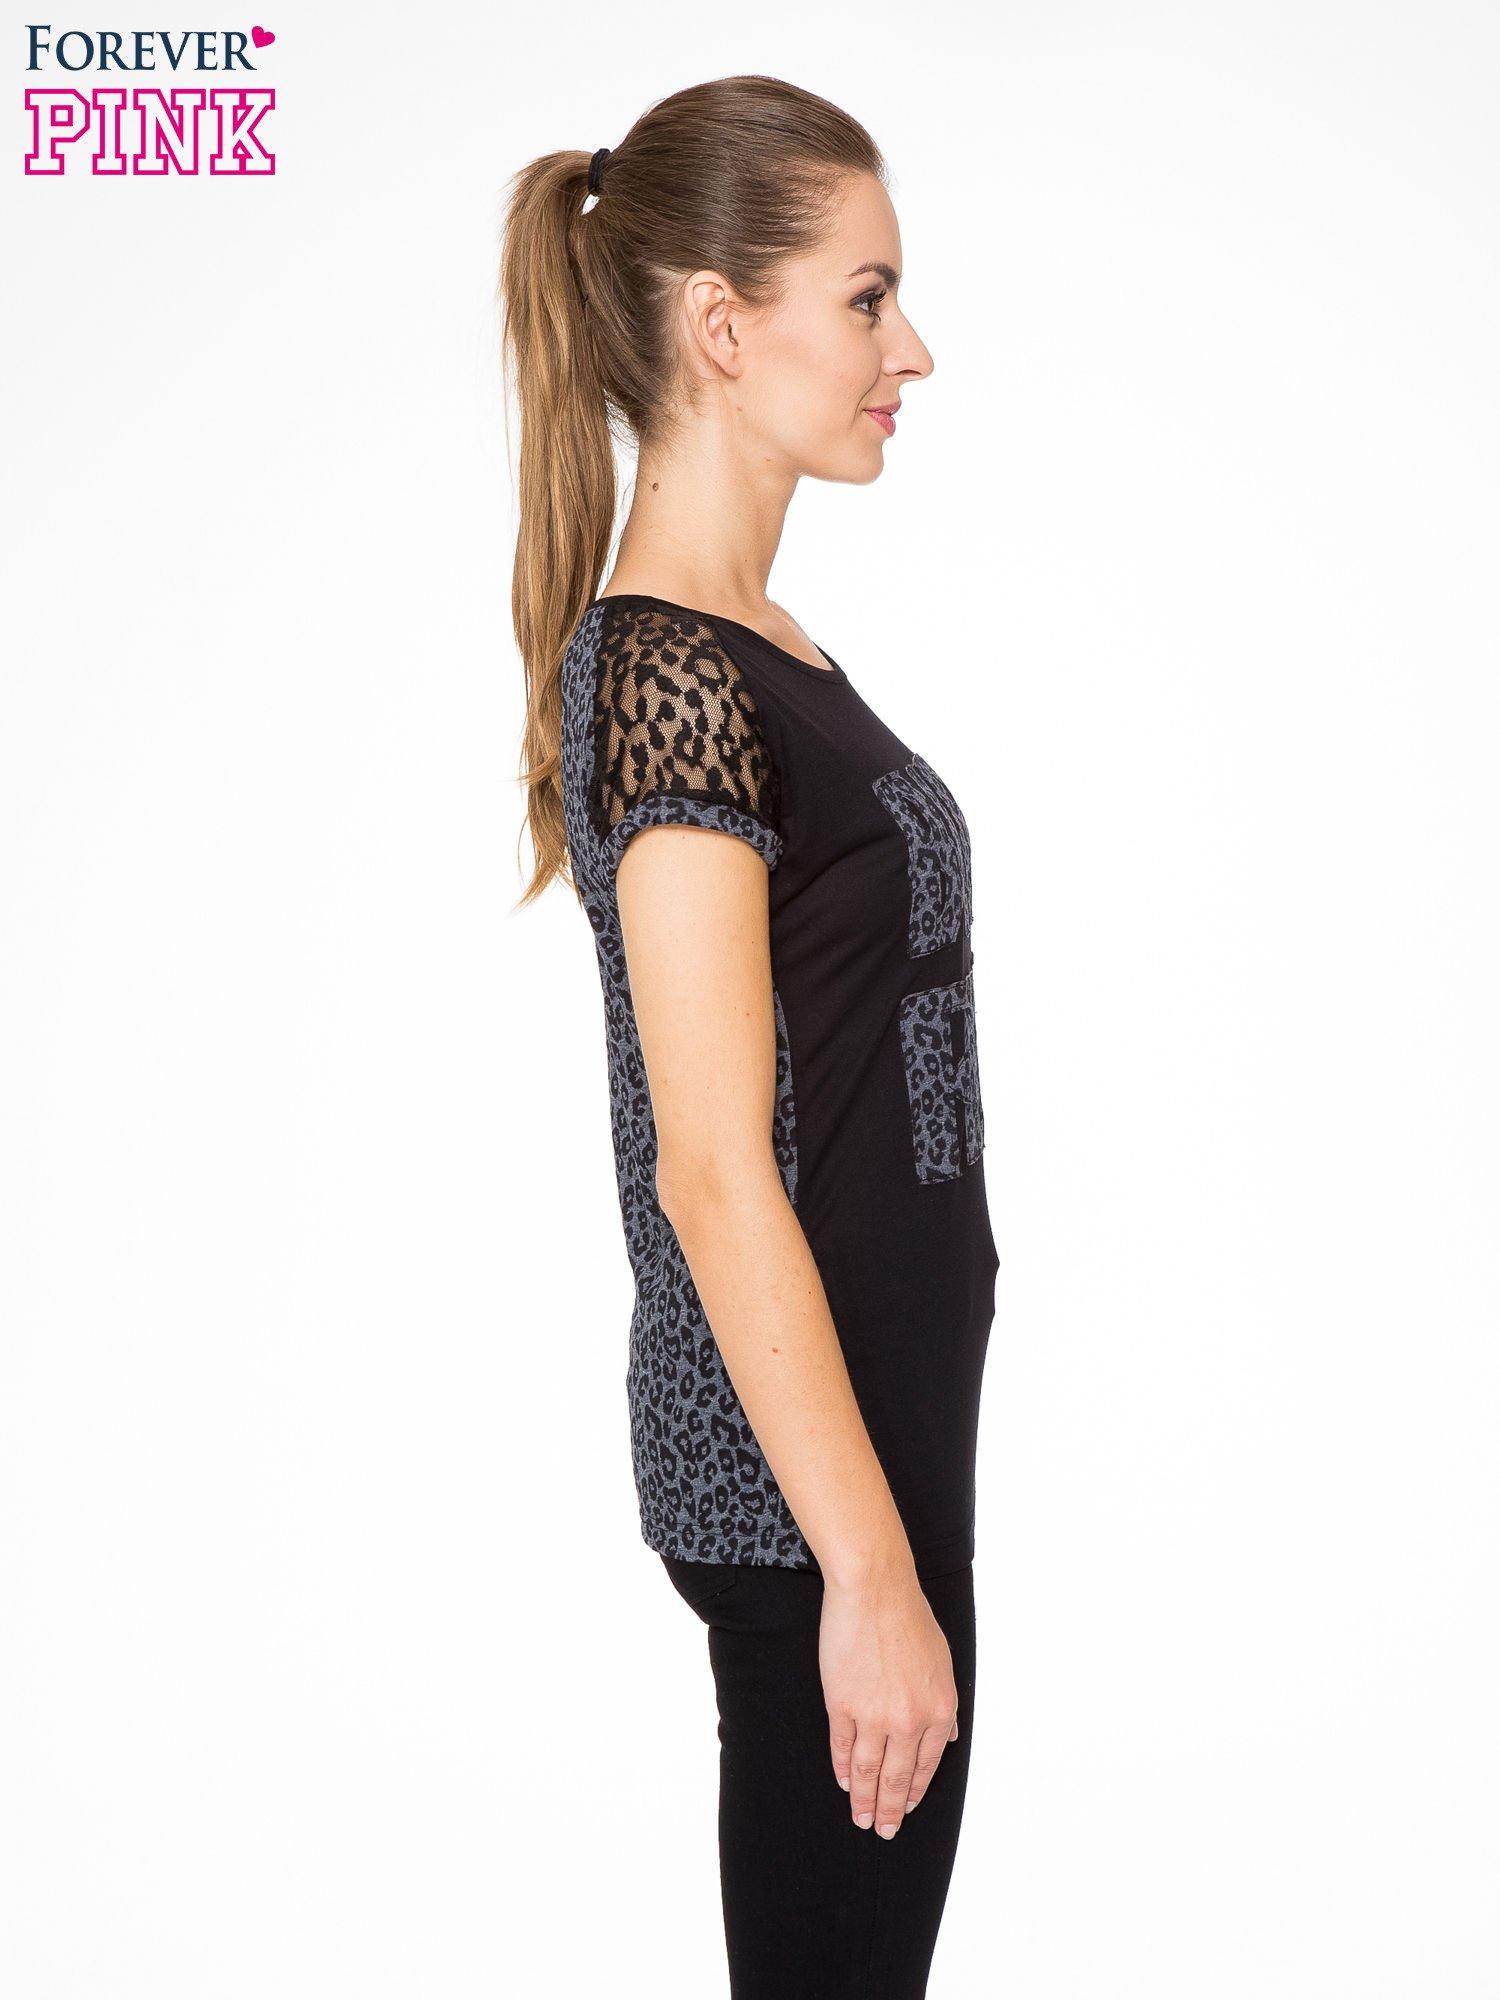 Panterkowy t-shirt z nadrukiem BORN FREE i koronkowymi rękawami                                  zdj.                                  3